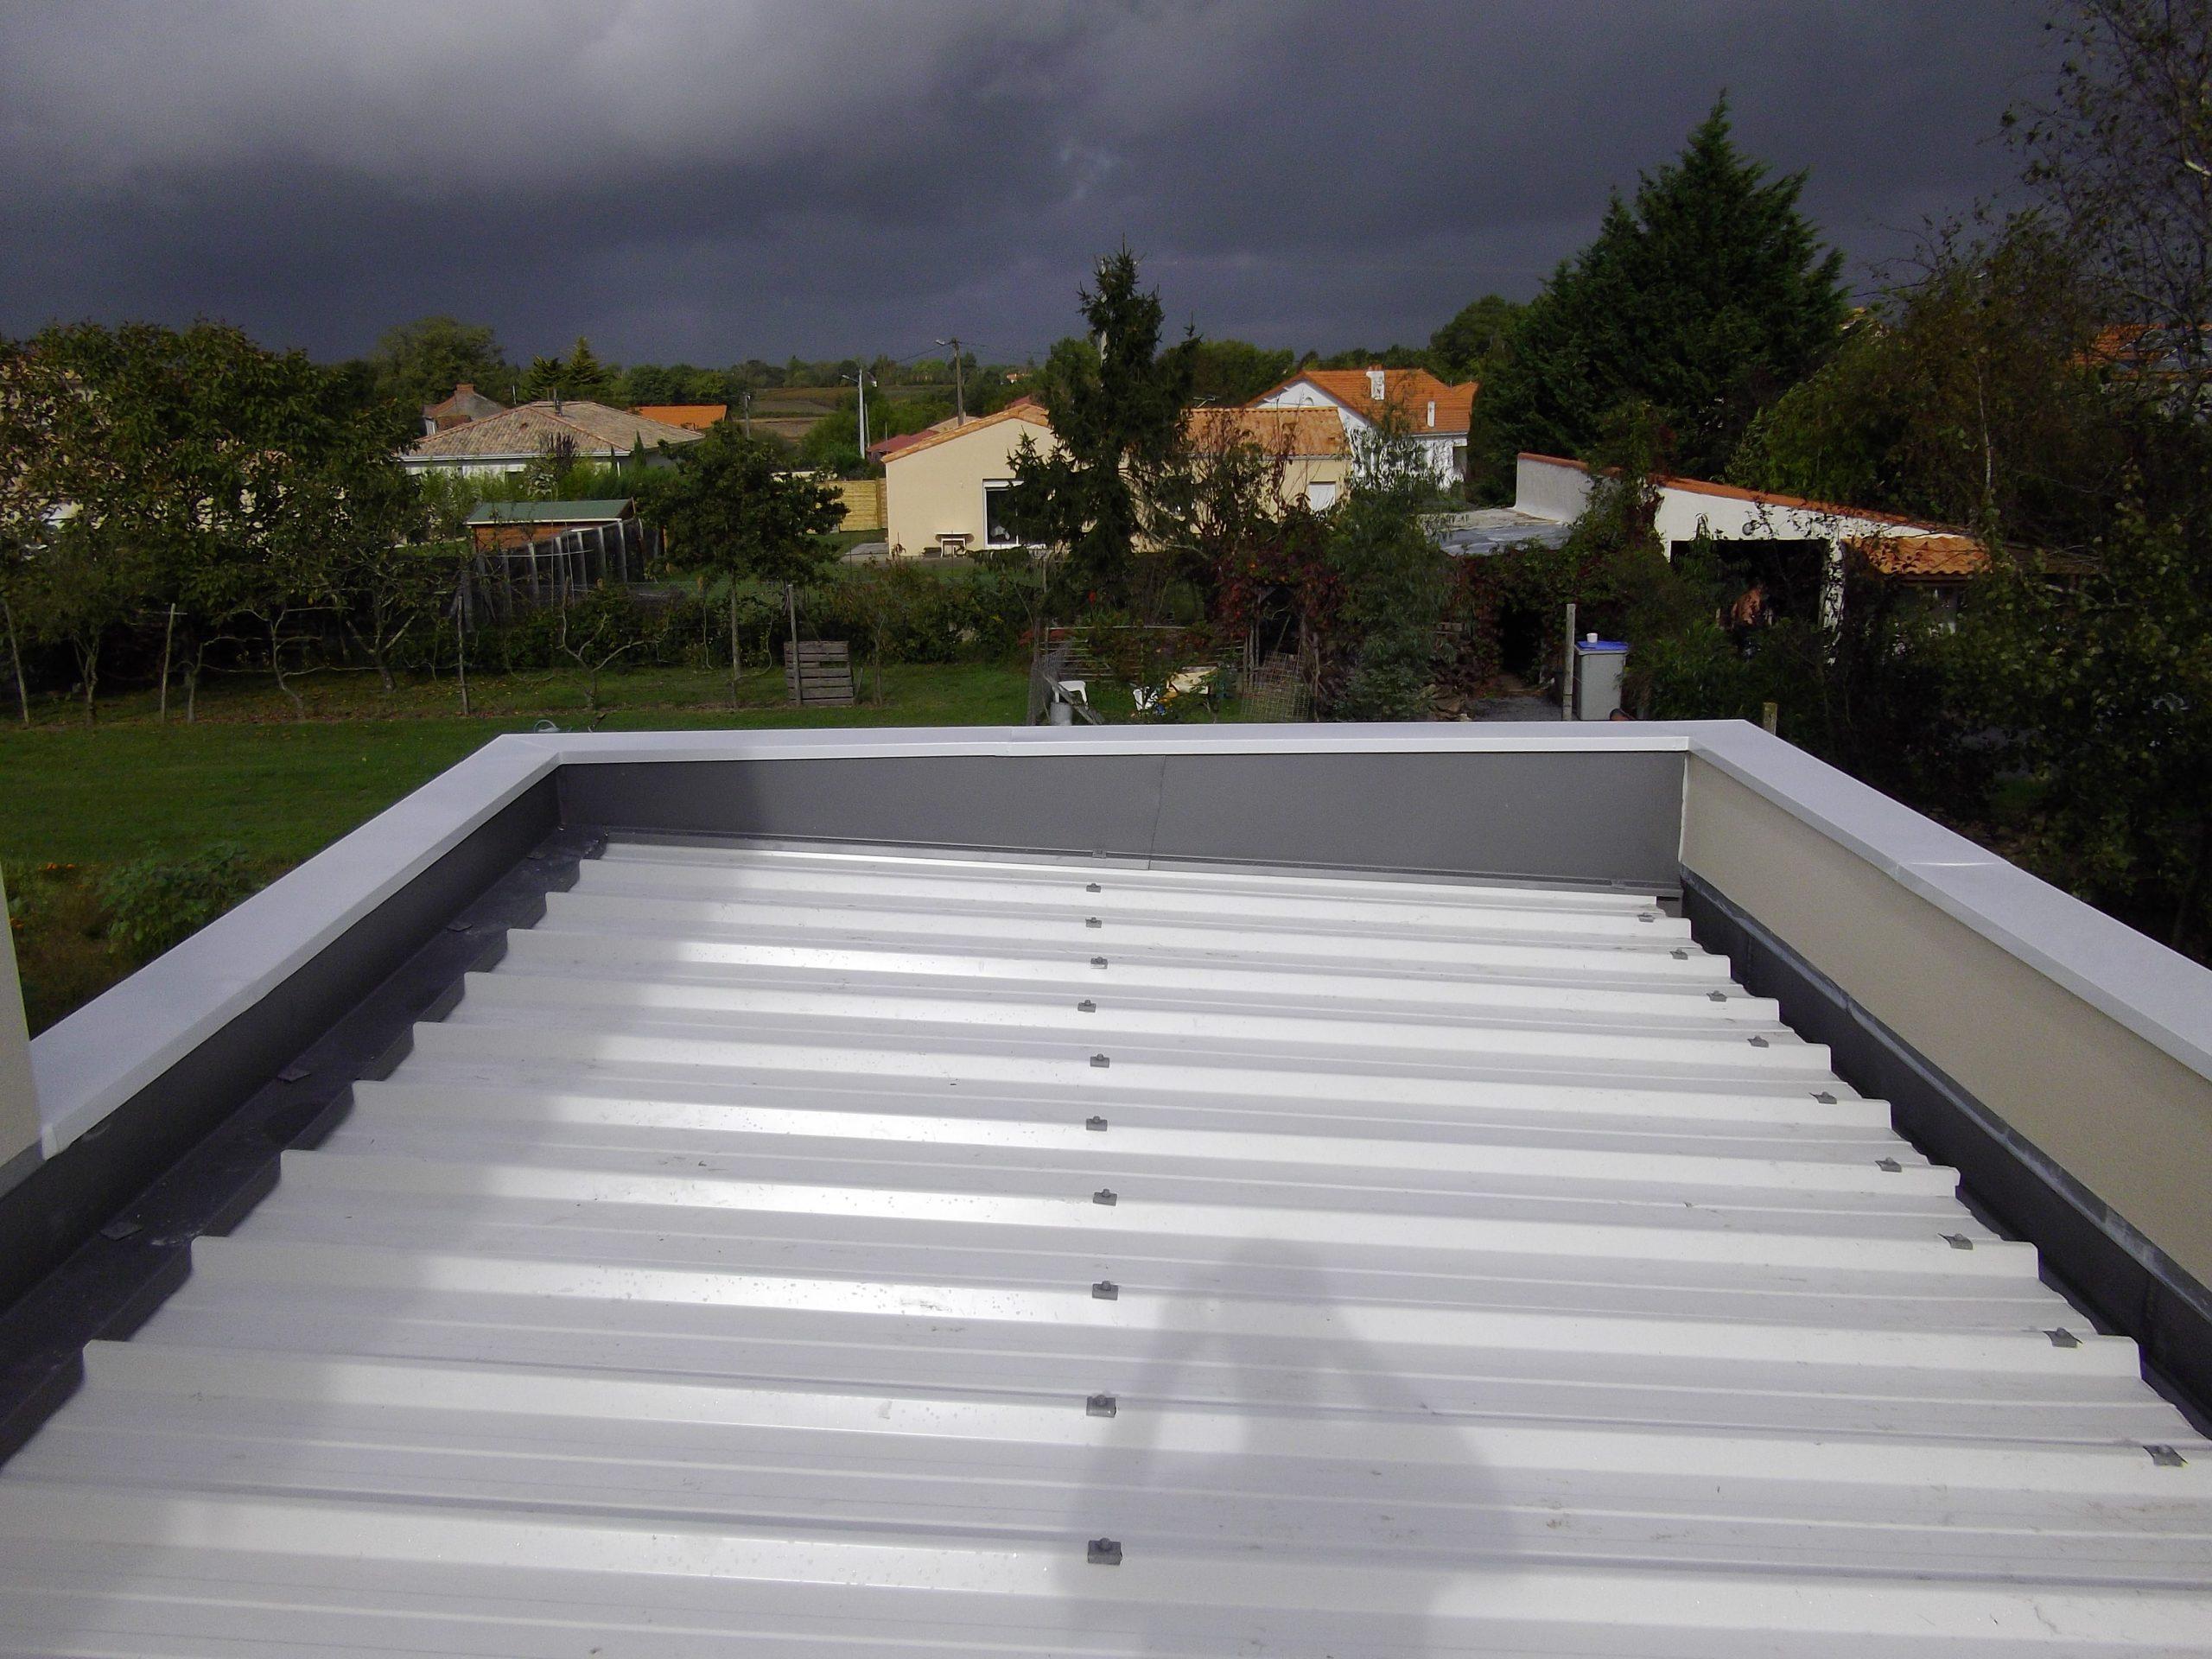 Acrotère Toit Plat - Couvertine Alu - Au Bac D'Eau Nantes concernant Acrotère Toiture Terrasse